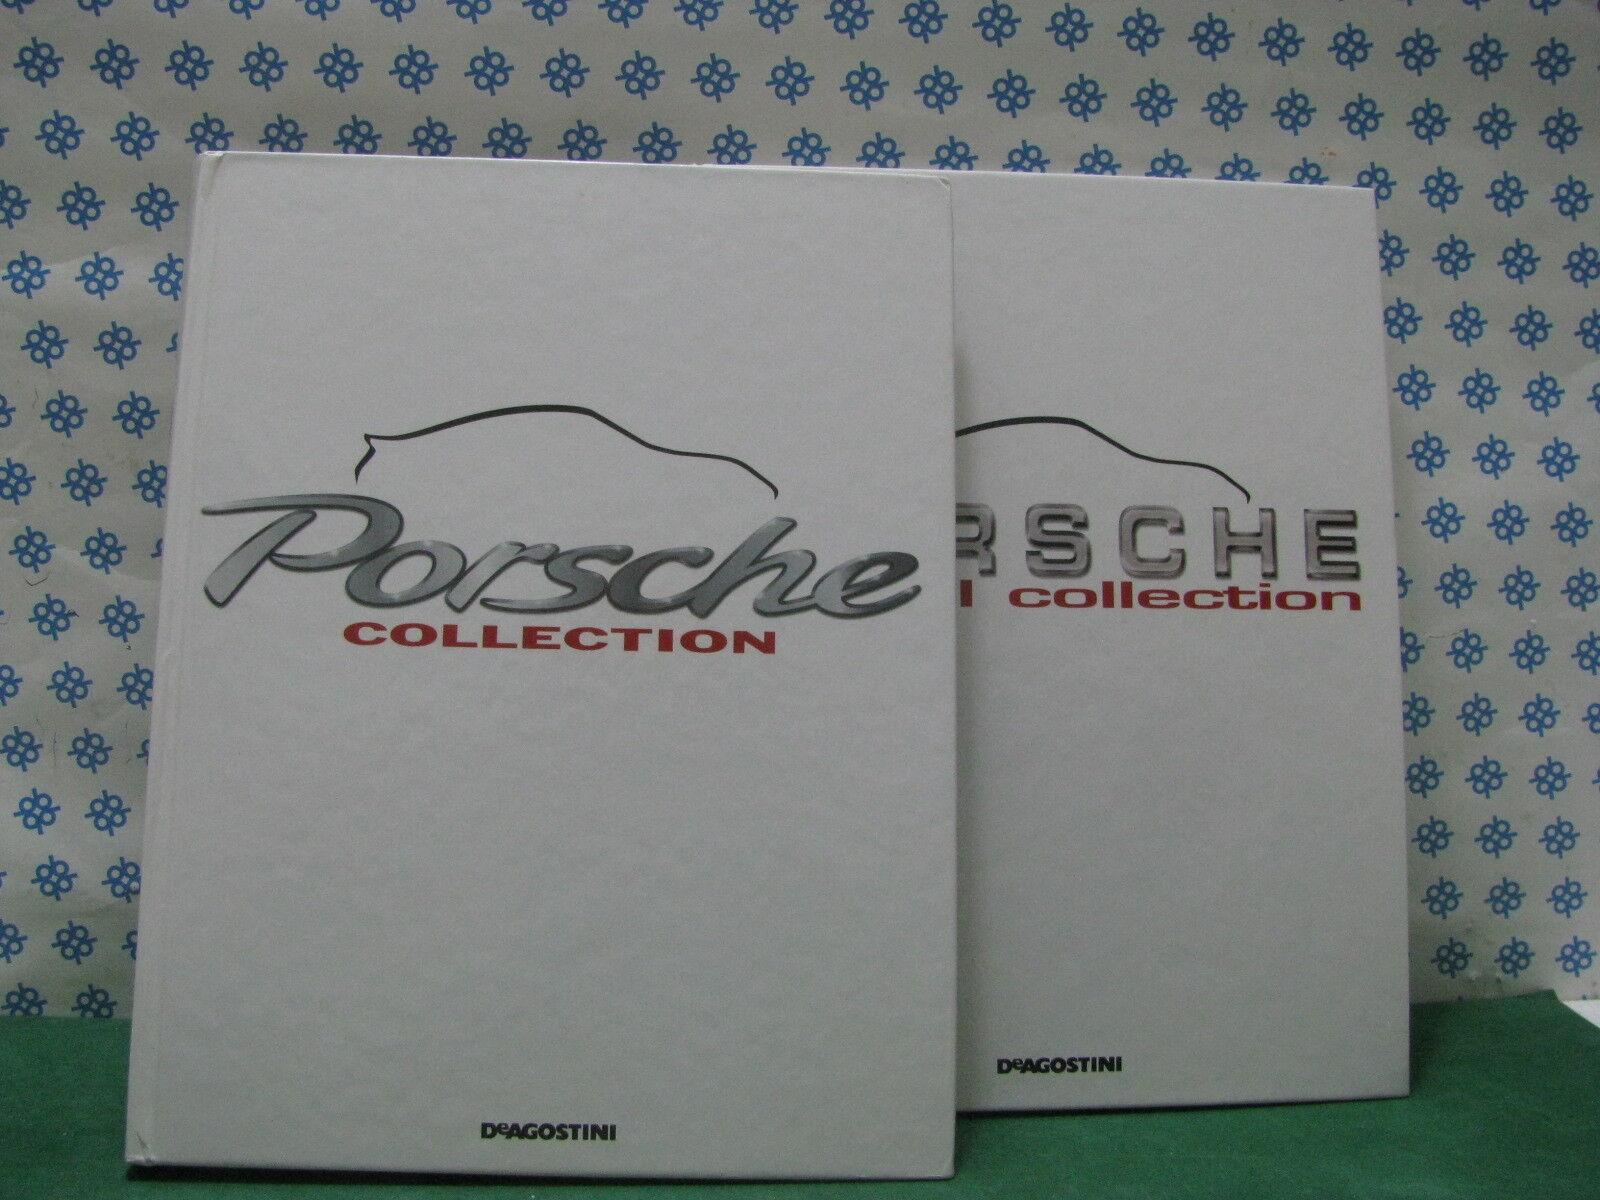 PORSCHE Collection Volumes n ° 2 et 3 lié aux nouveaux